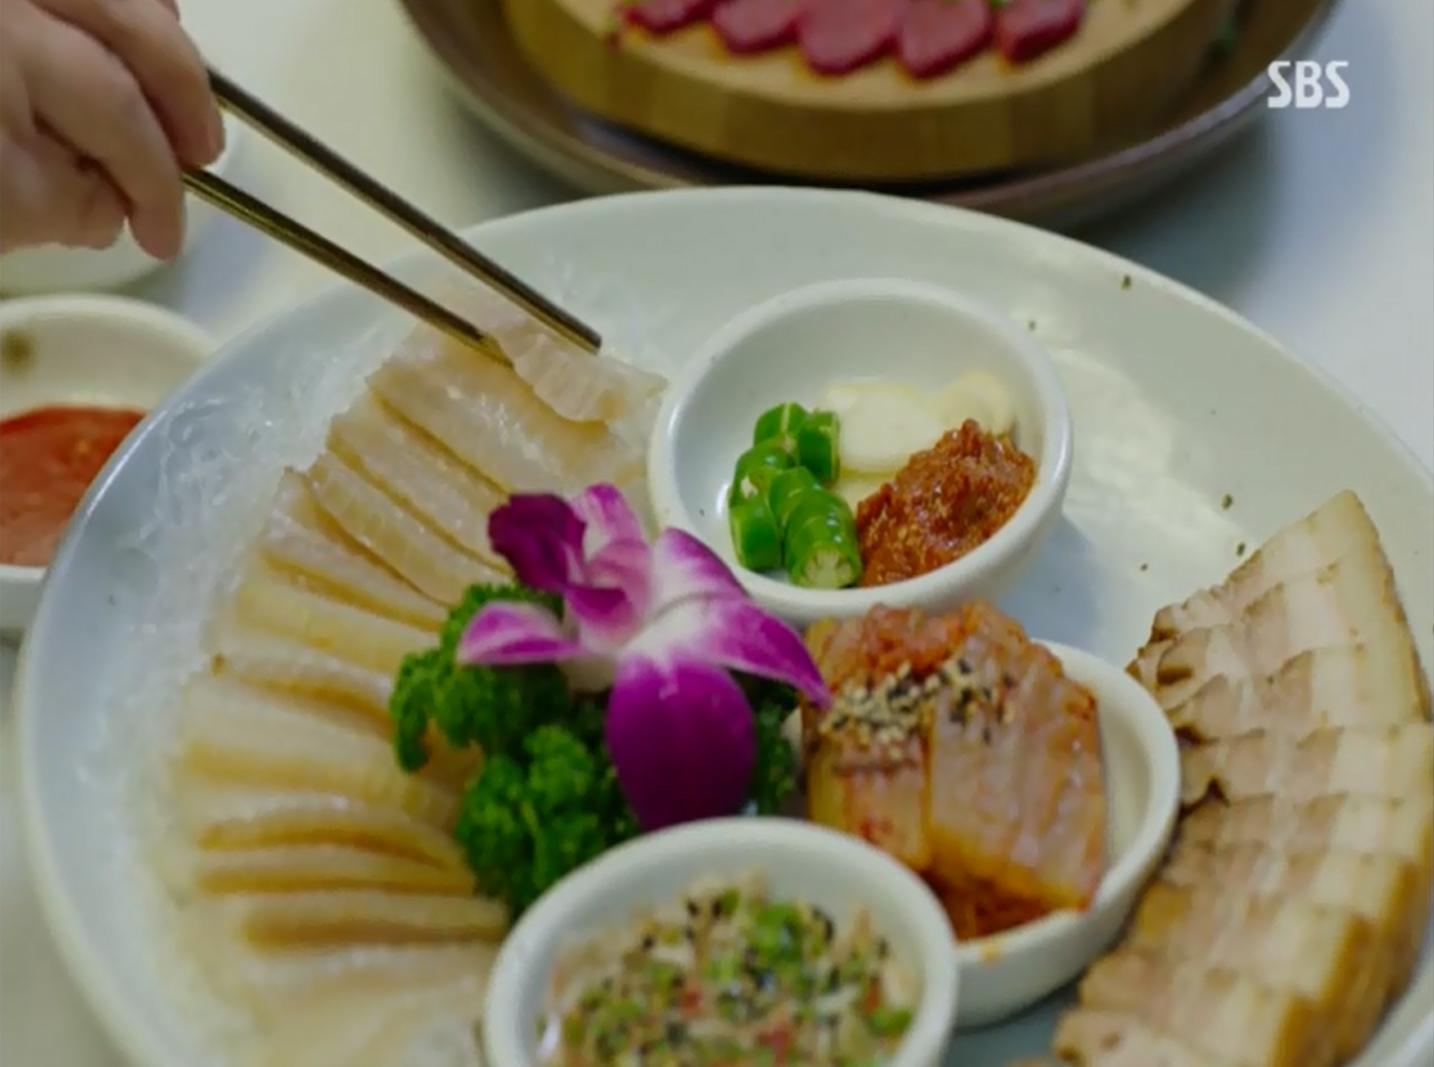 <펀치>에서 홍어삼합은 이태준 검찰총장이 좋아하는 음식으로, 그의 힘을 상징했다.